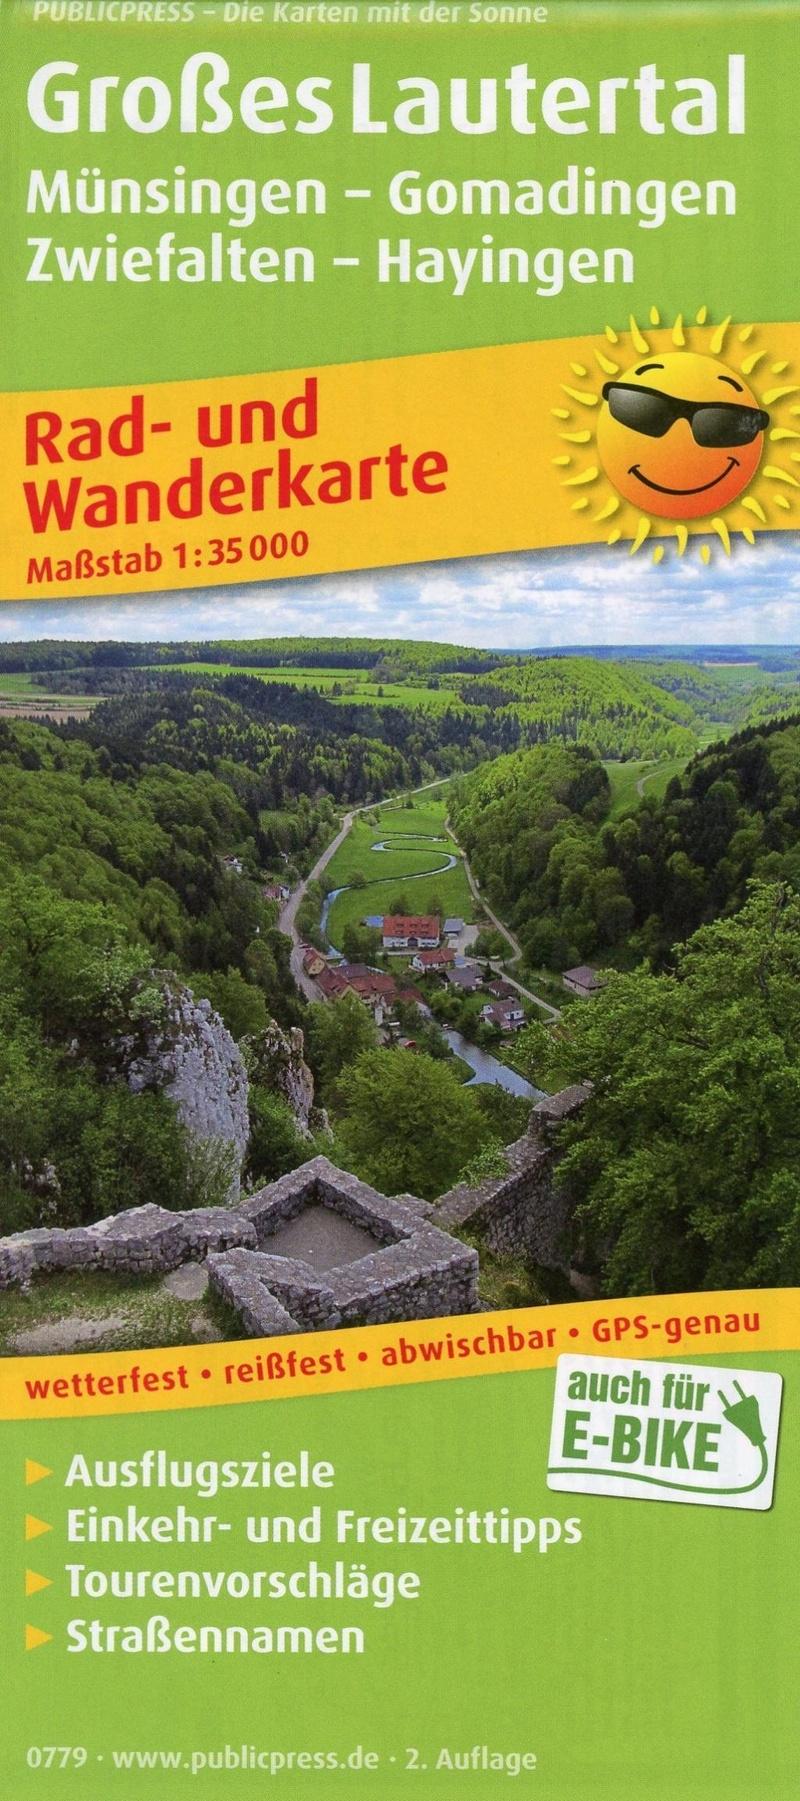 Publicpress Rad Und Wanderkarte Grosses Lautertal Buch Jetzt Online Bei Weltbild Ch Bestellen